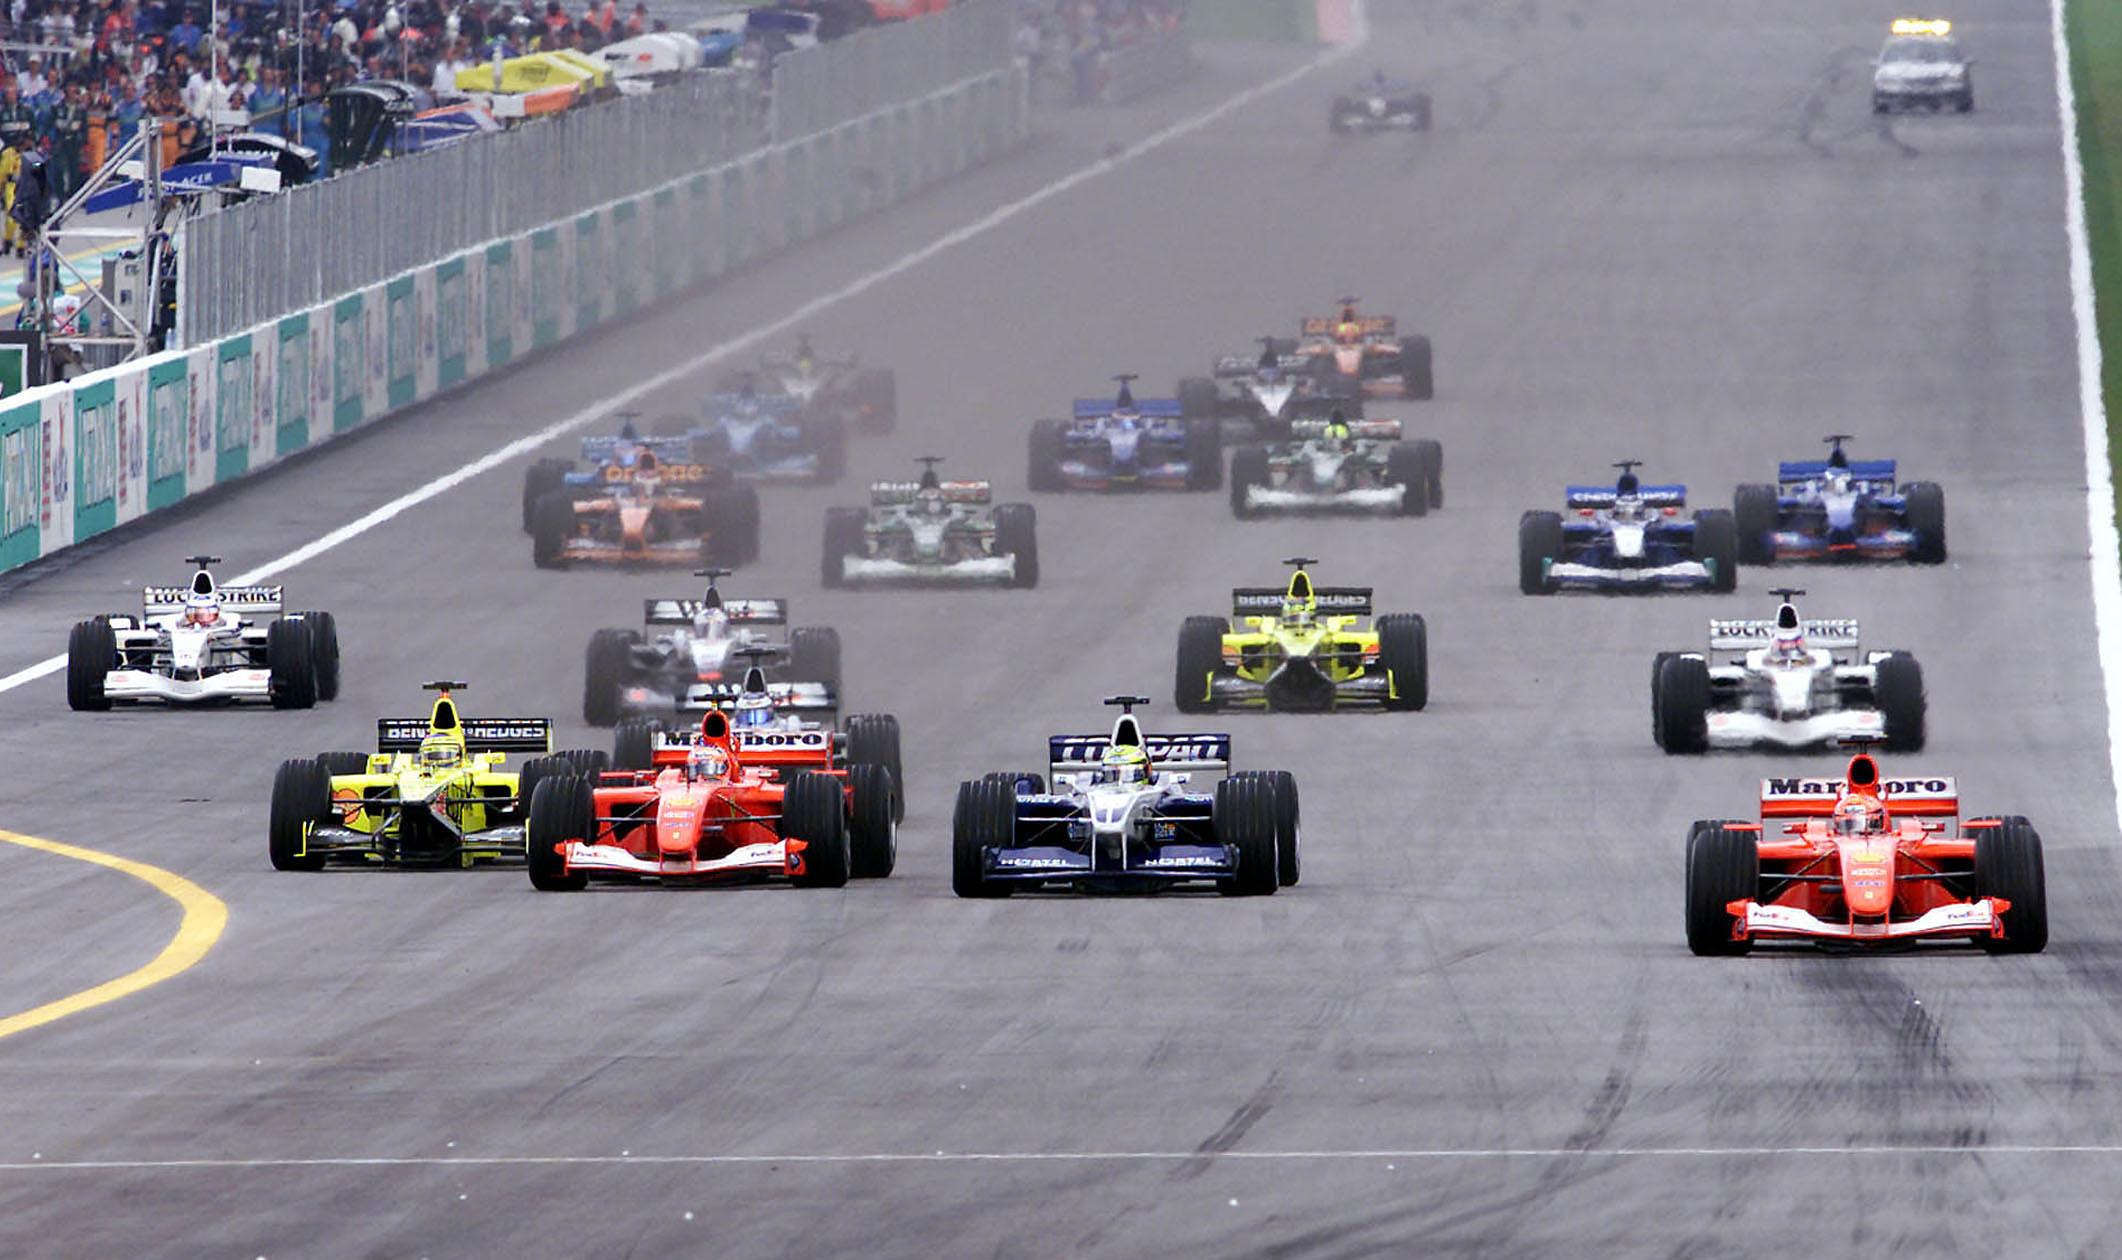 F1 2002, Malaysian GP start